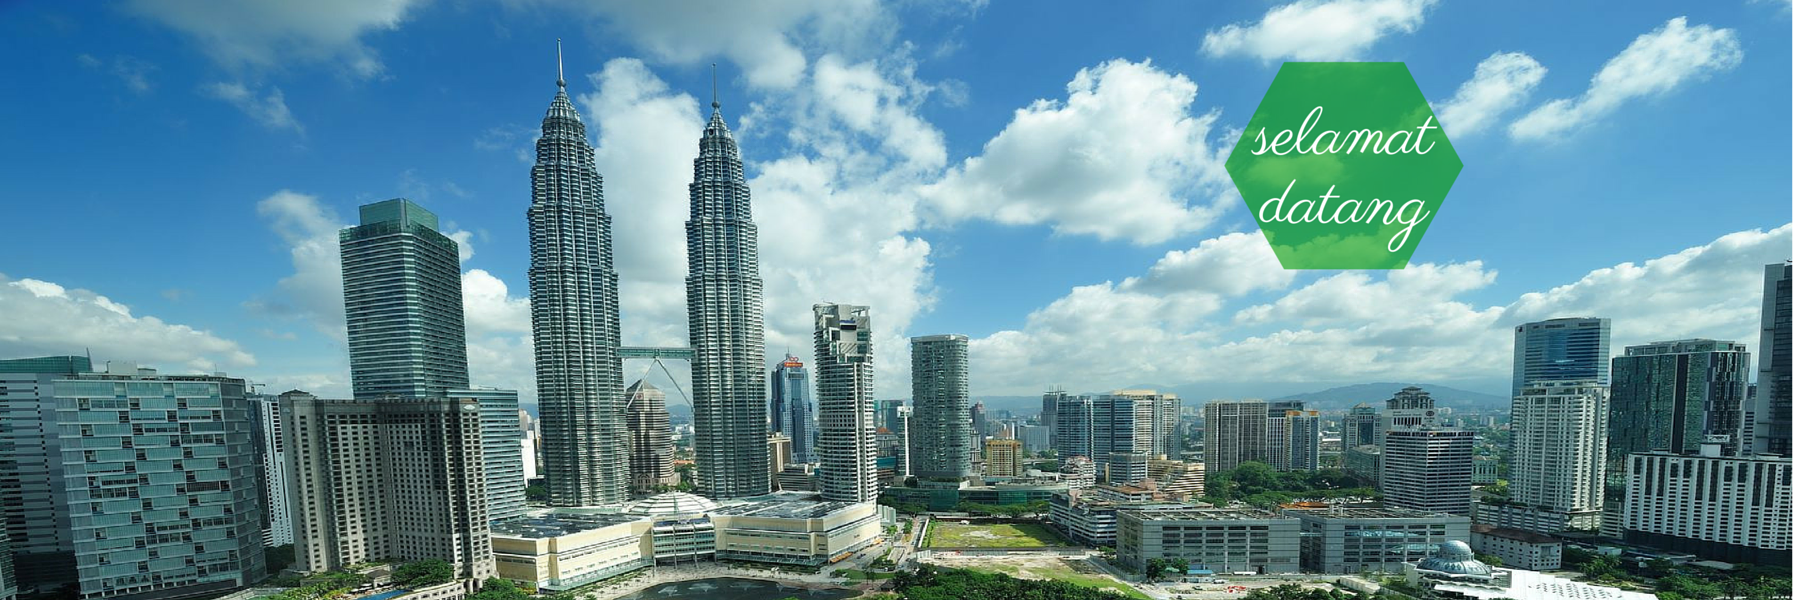 Malaysian Intellectual Property